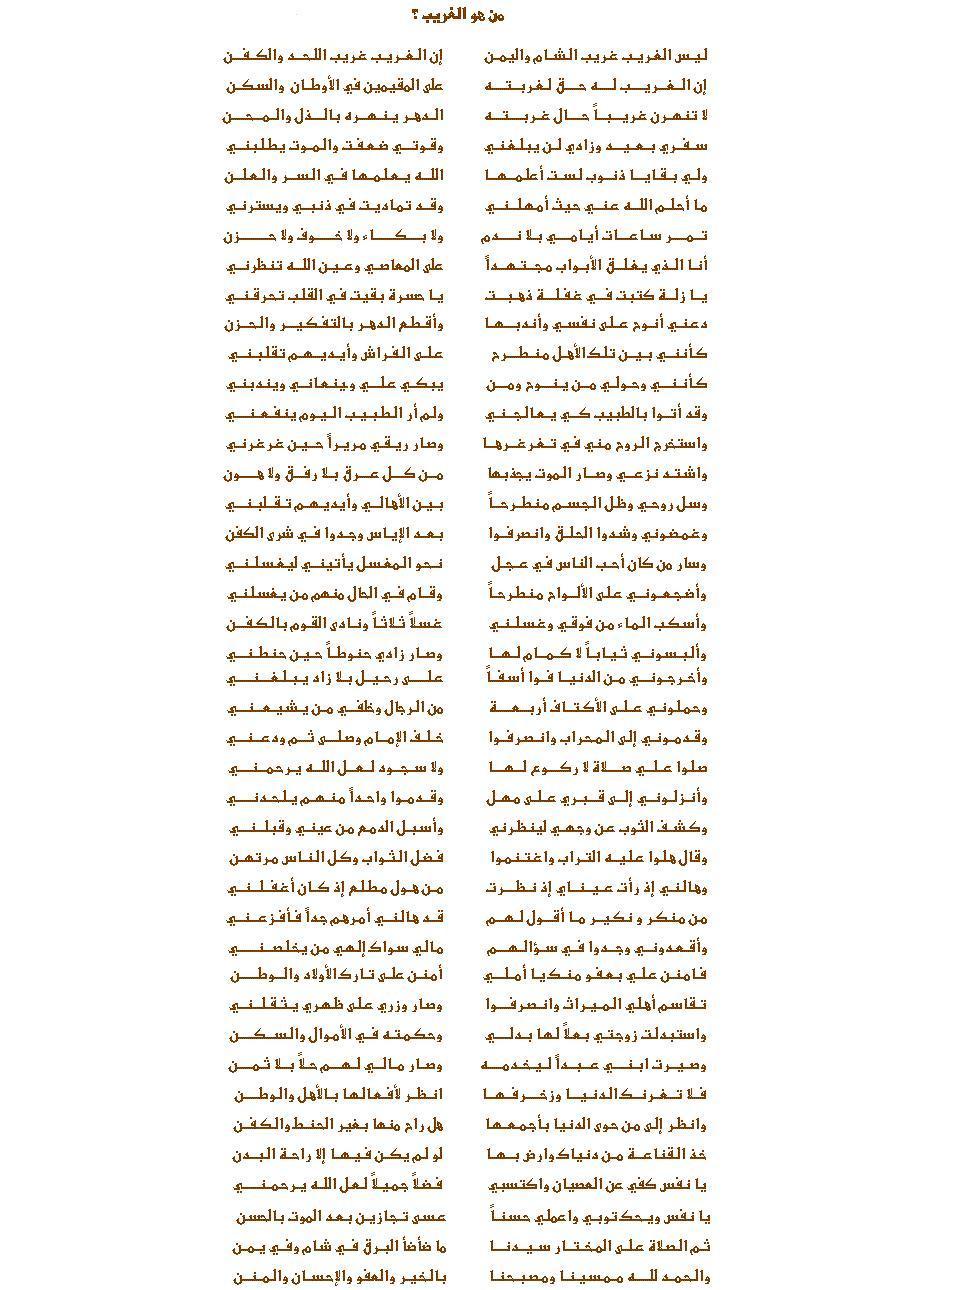 تحميل قصيدة ليس الغريب لزين العابدين mp3